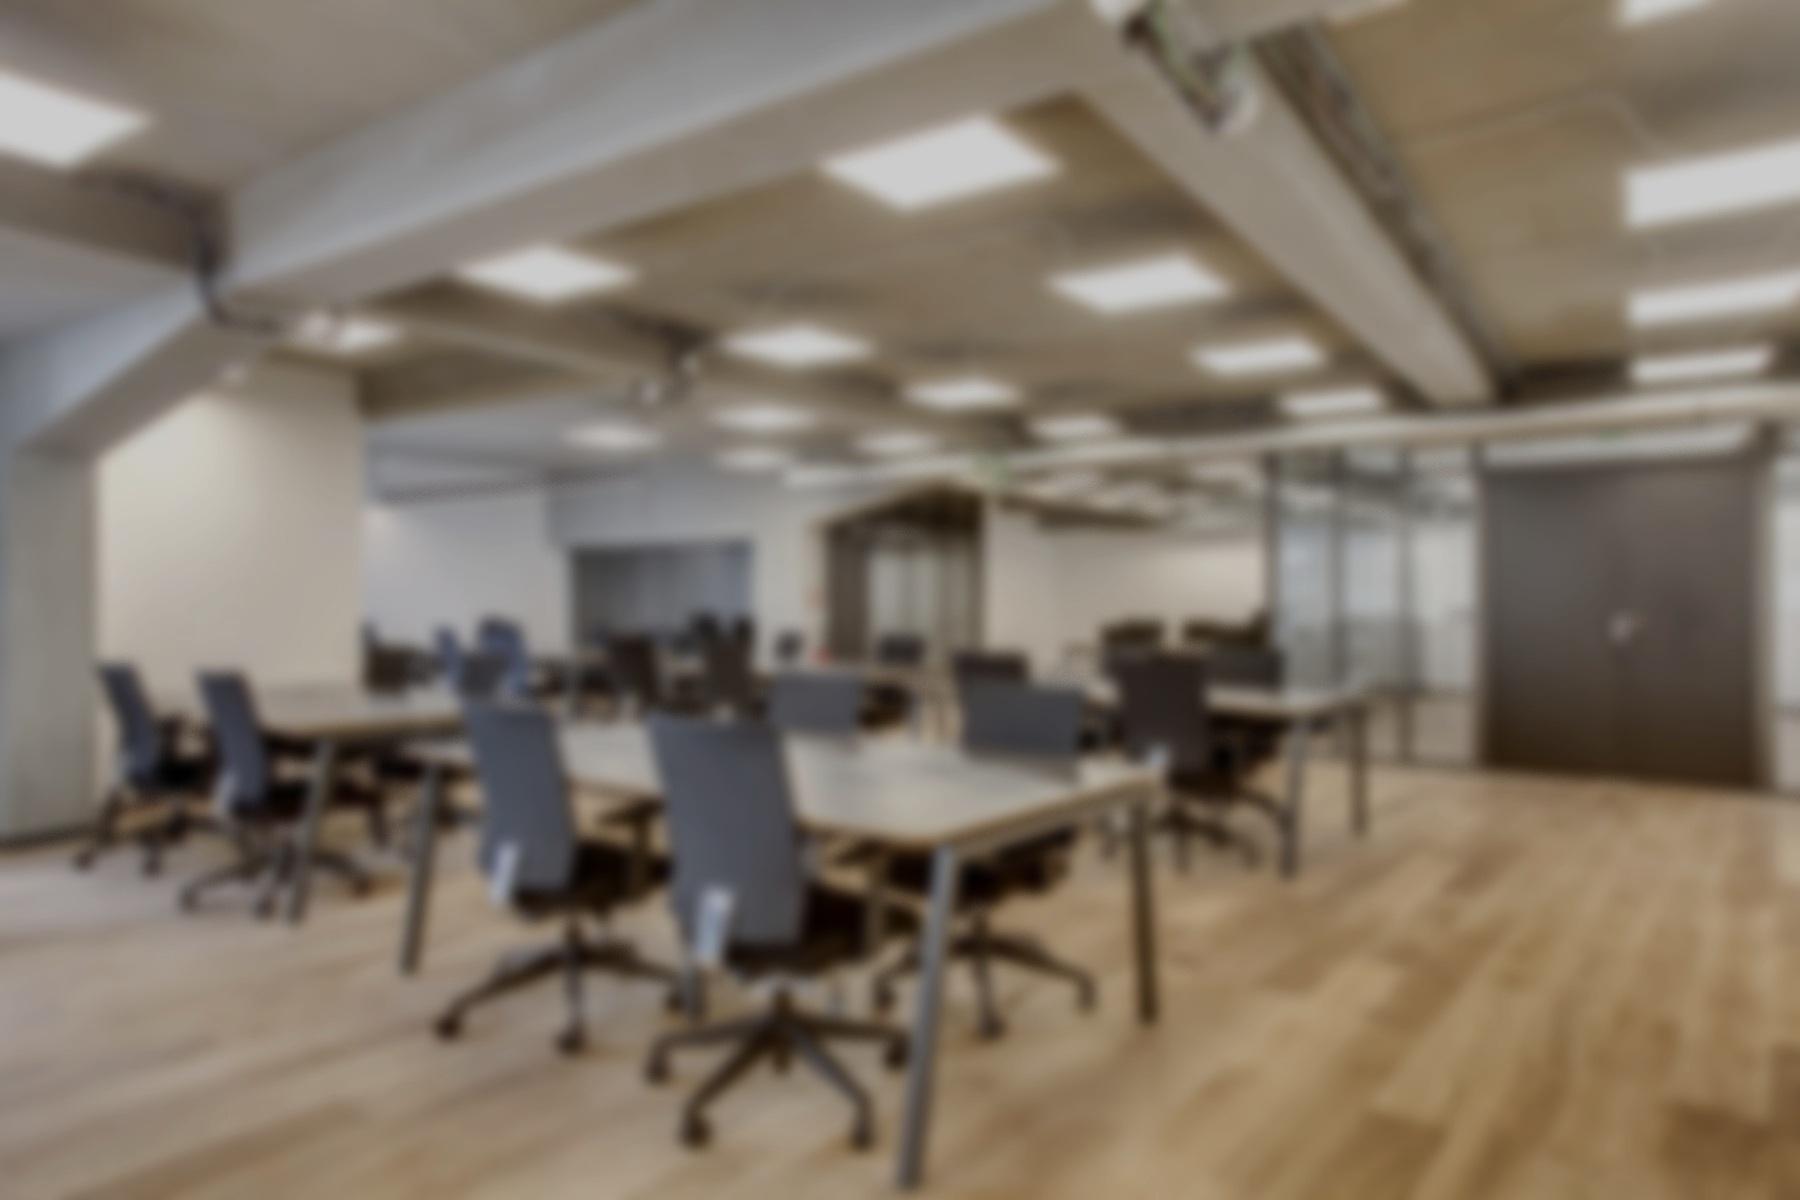 Coworking, bureaux, IGH (Immeuble Grande Hauteur) : à chaque espace de travail ses spécificités -